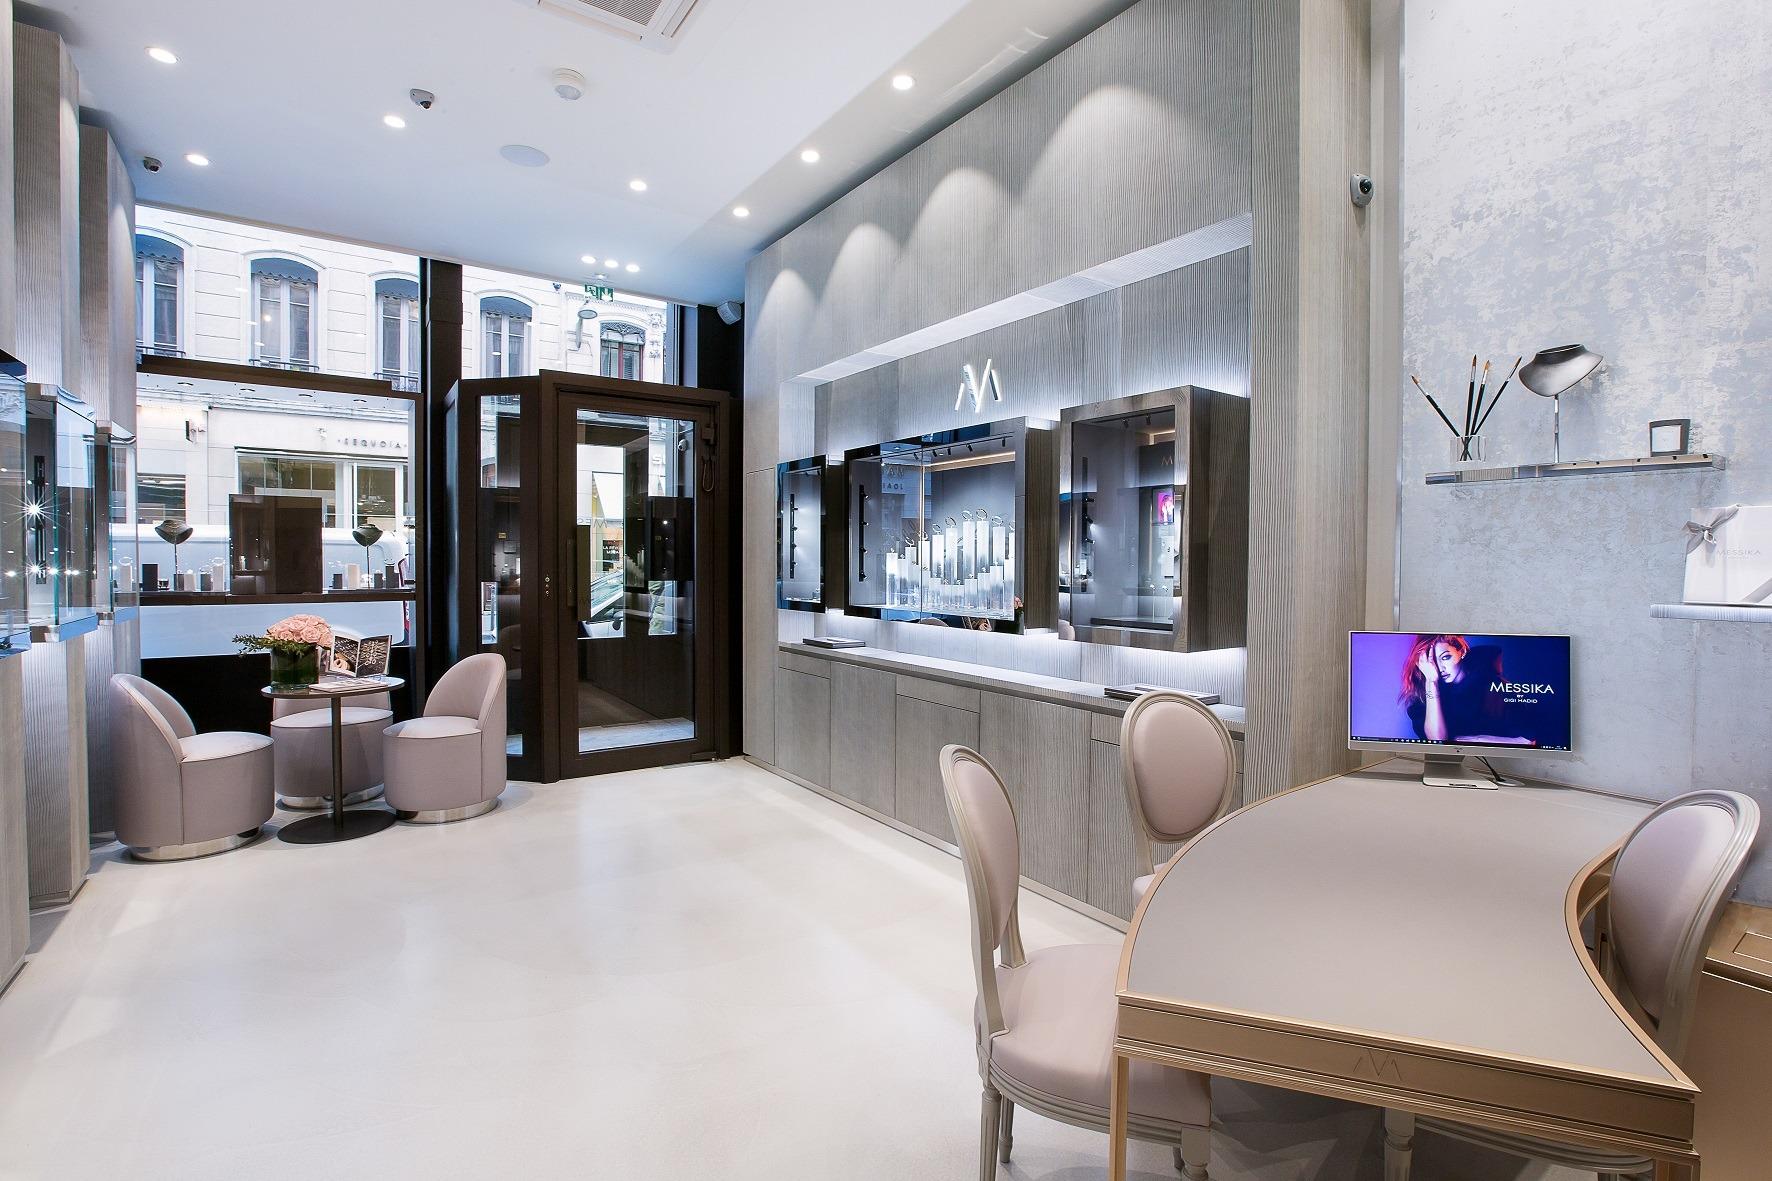 intérieur boutique Messika Lyon